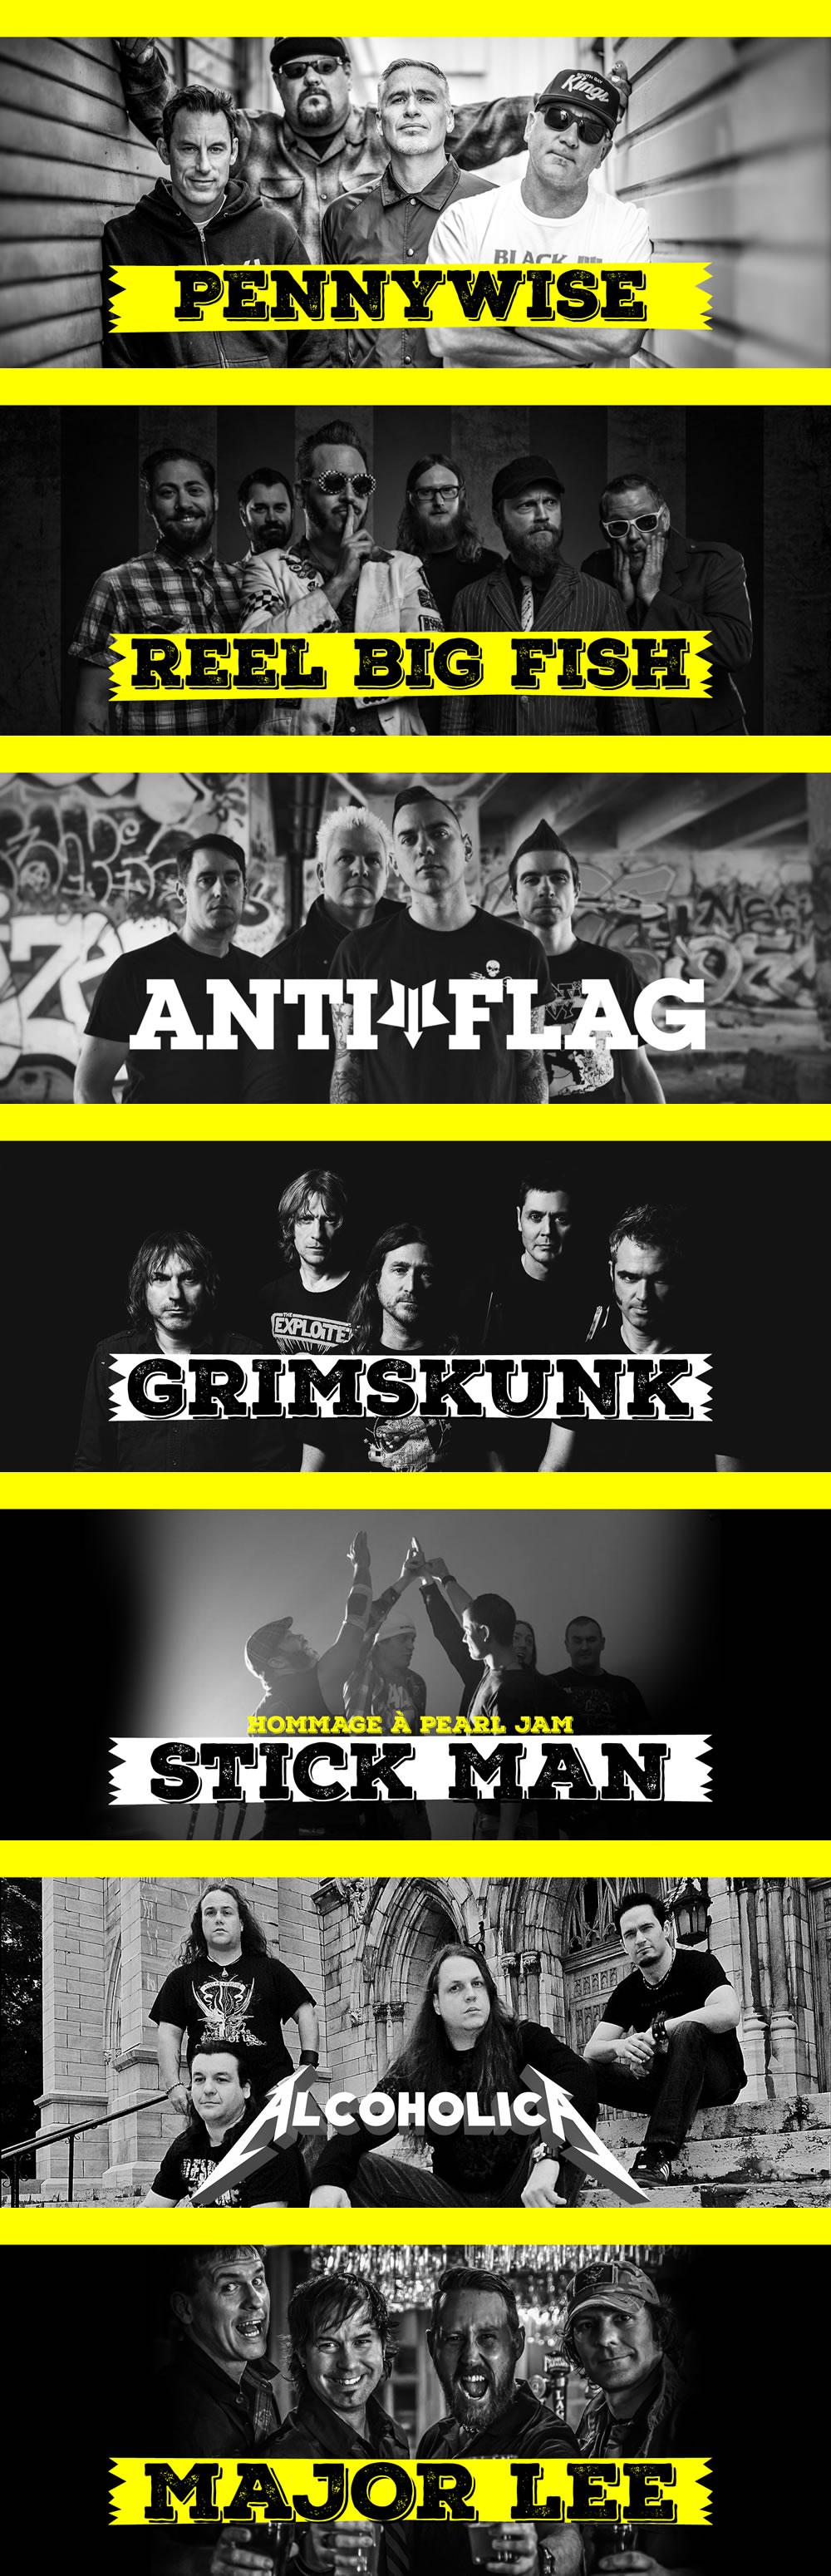 Ils seront présents à Victo pour Rock la Cauze, le samedi 11 août 2018!